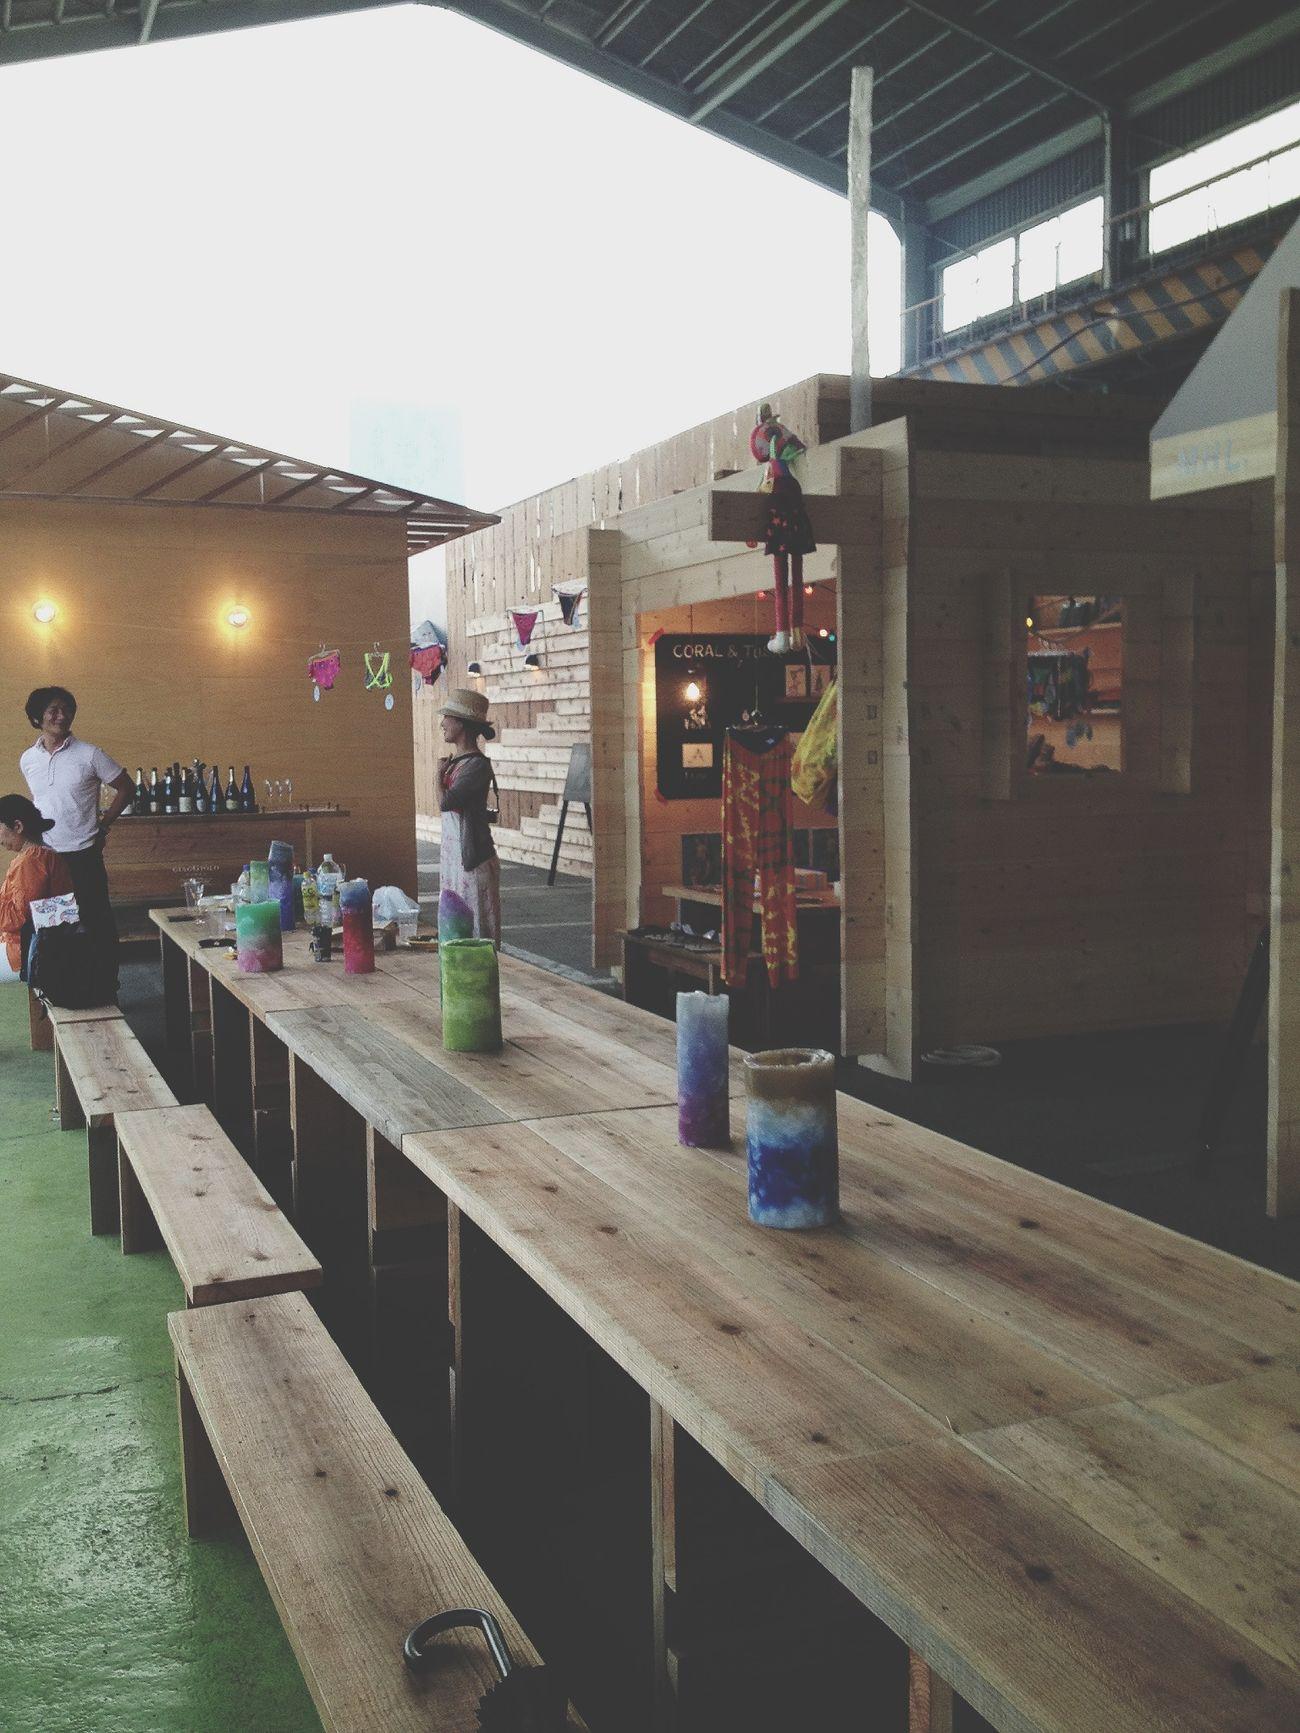 熊谷のnew landきた!倉庫跡地の小さいマーケット。